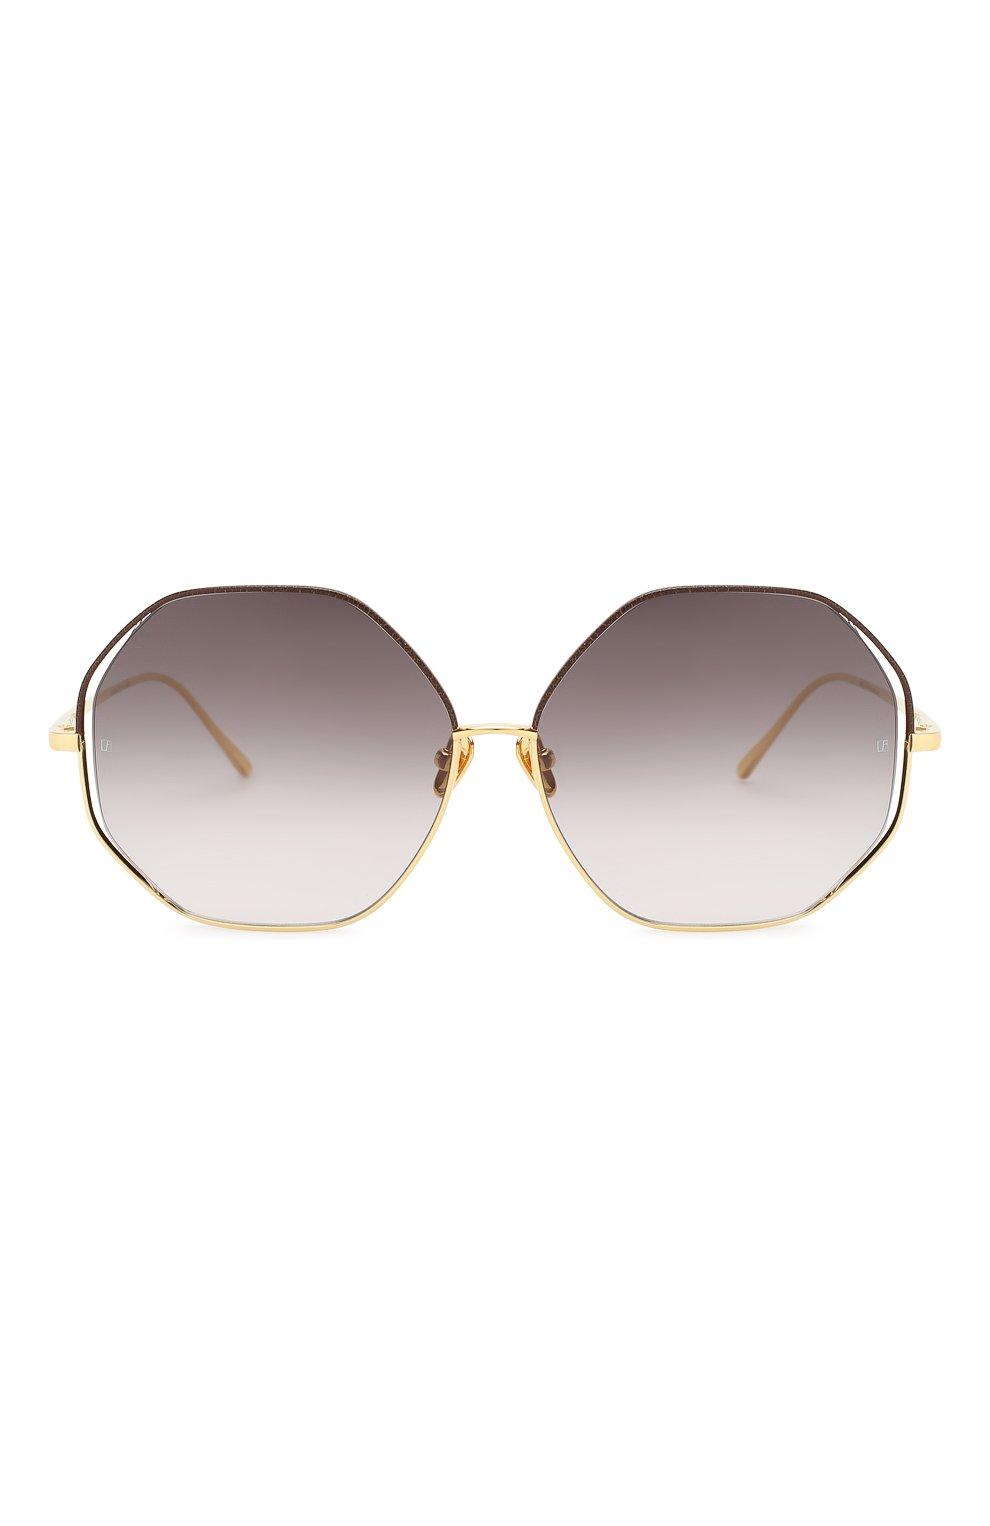 Женские солнцезащитные очки LINDA FARROW темно-коричневого цвета, арт. LFL1009C3 SUN   Фото 3